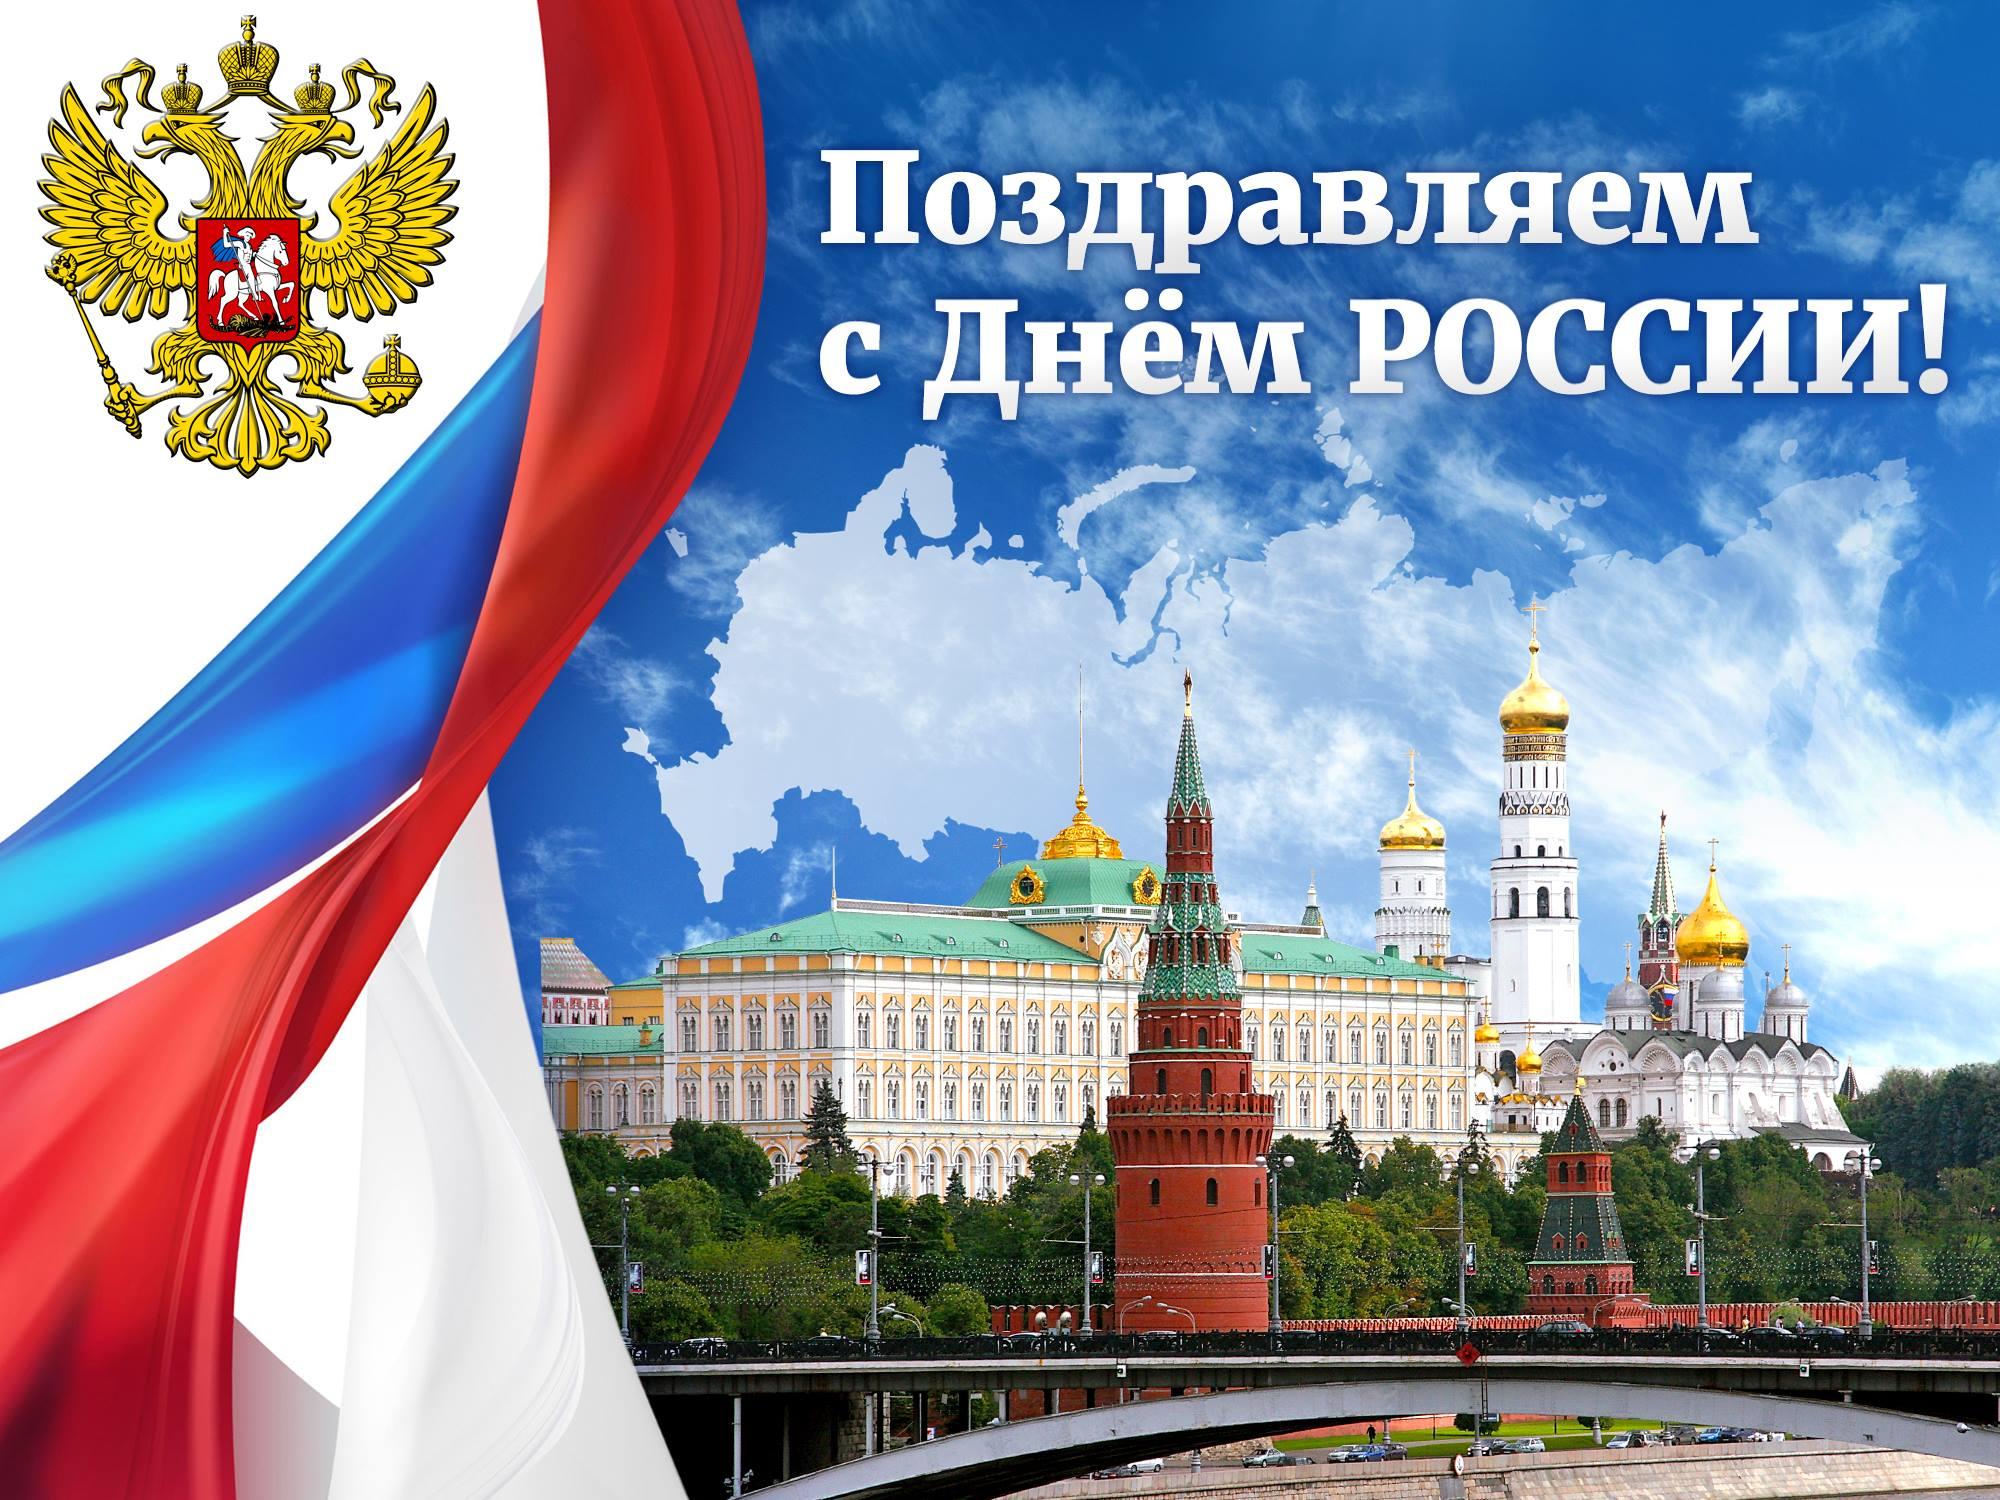 Праздник День России картинки открытки поздравления 12 июня